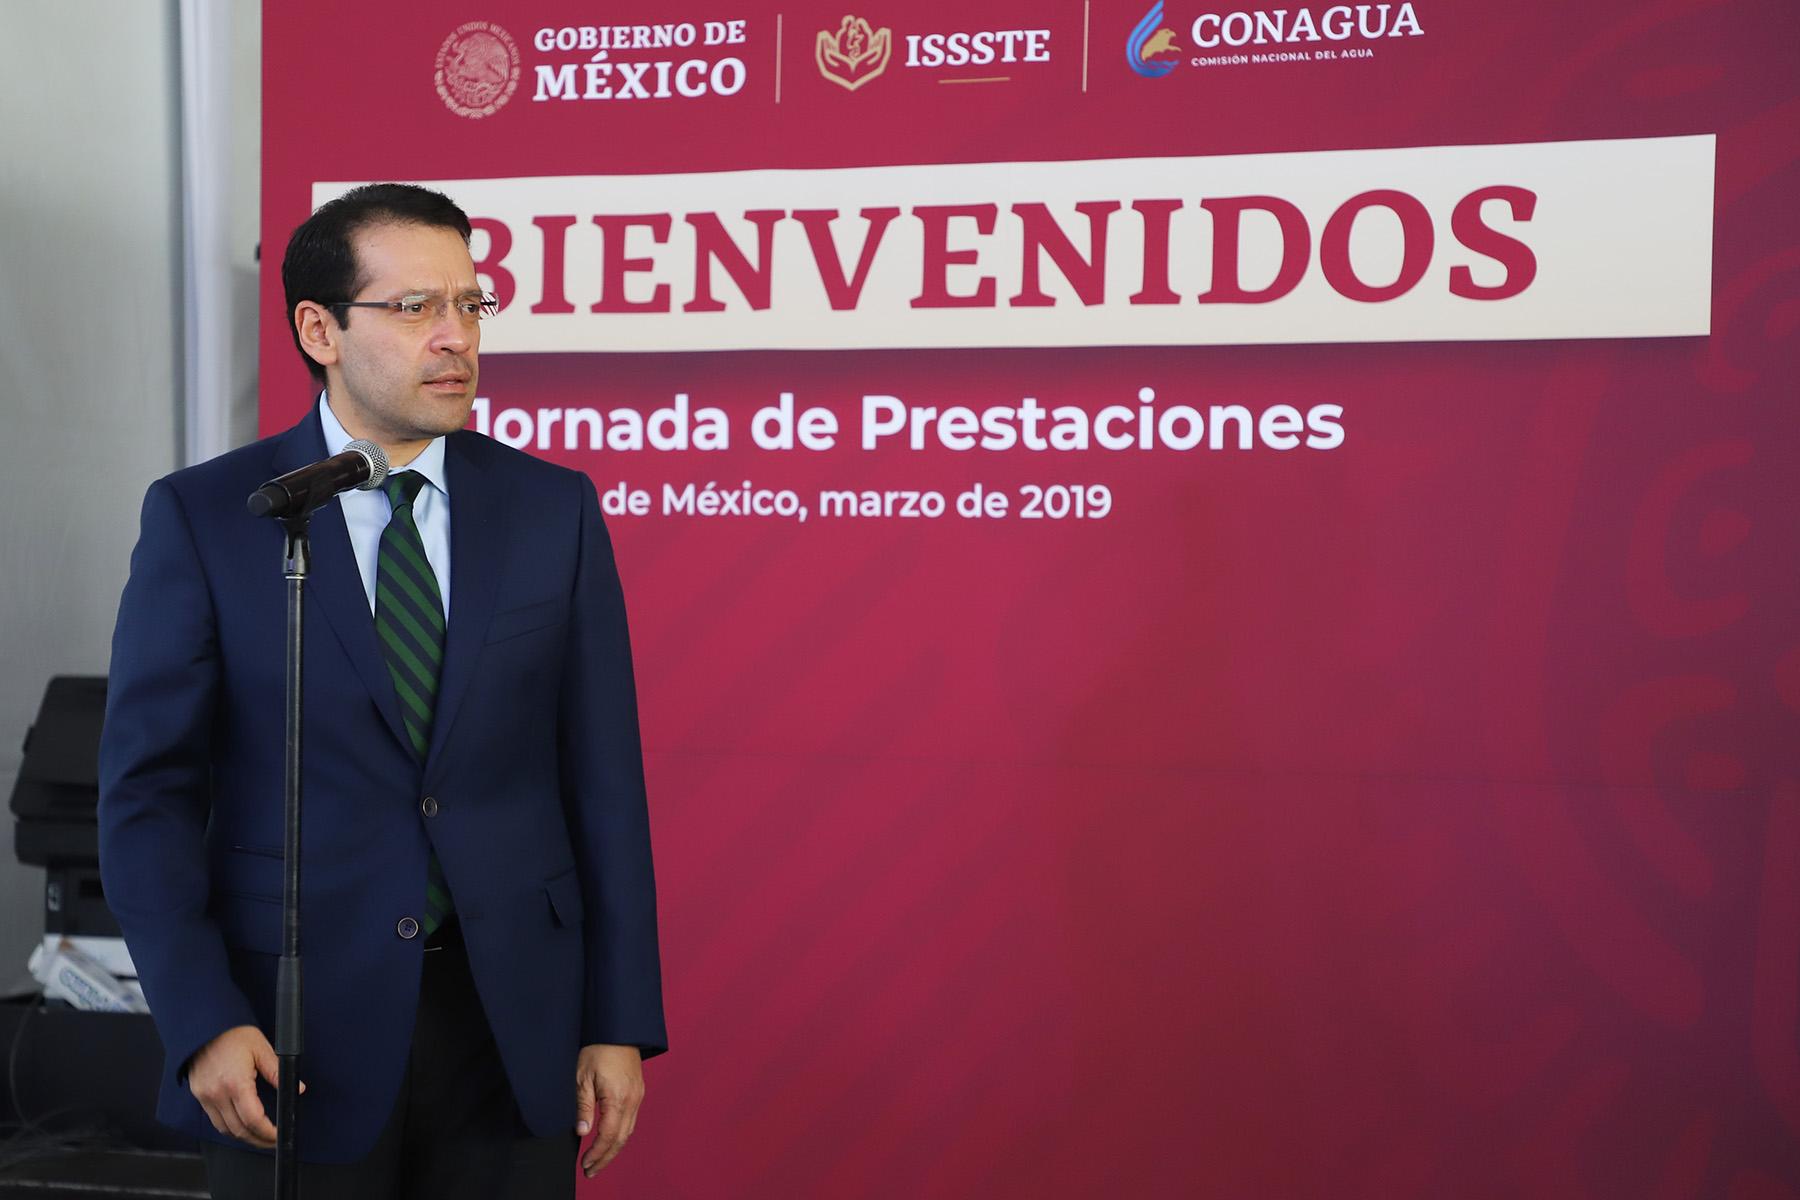 El Director General del ISSSTE, Luis Antonio Ramírez Pineda, afirmó que es necesario impulsar las acciones de prevención a la salud desde temprana edad.